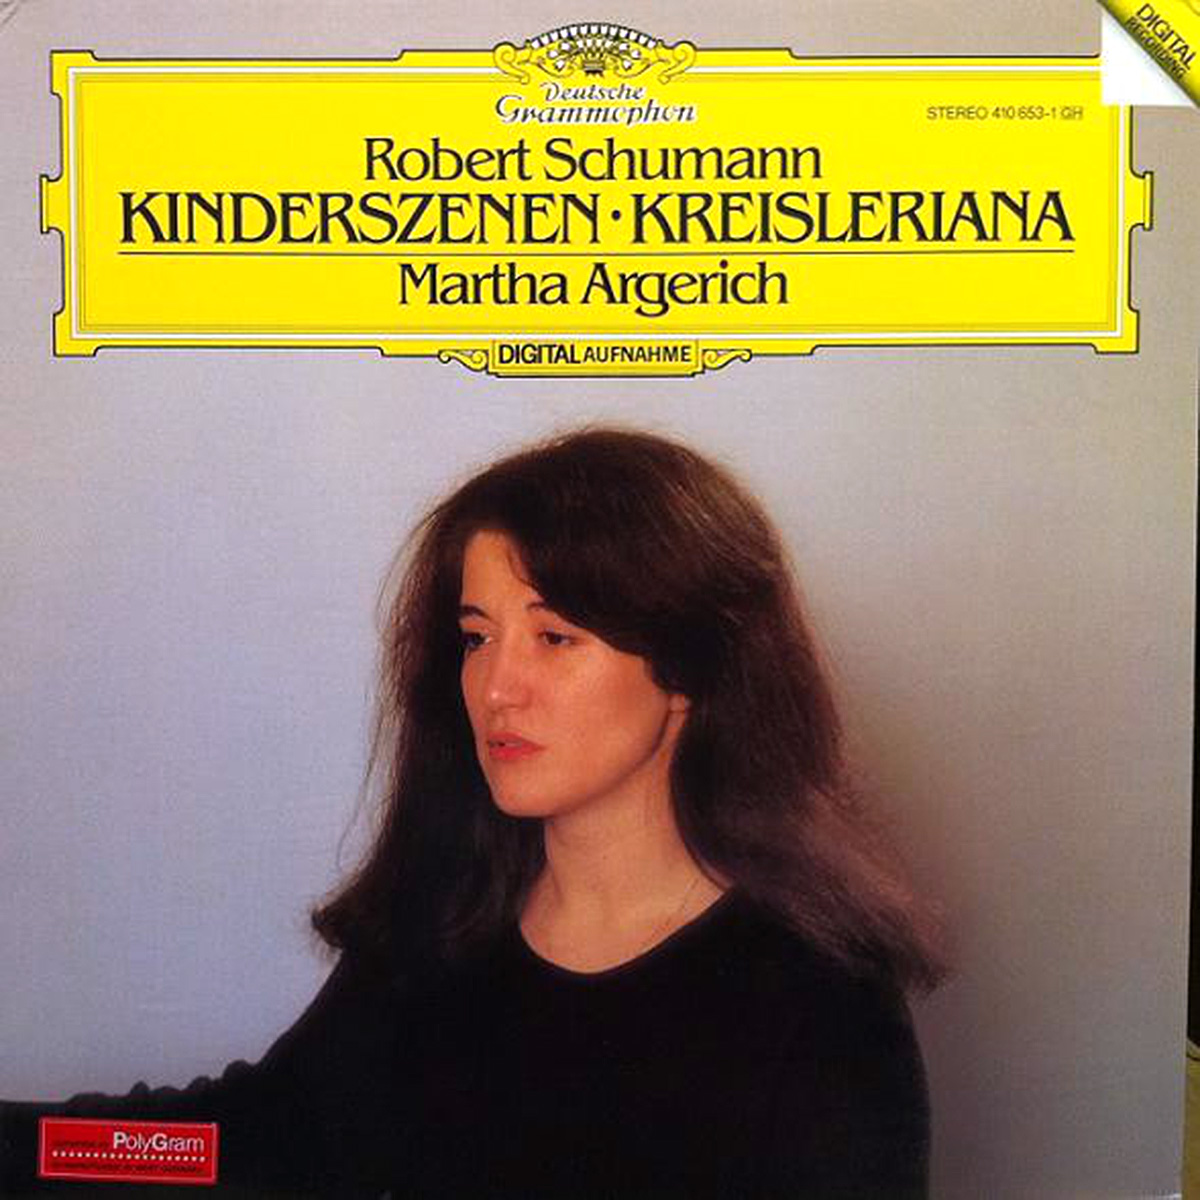 DGG 410 653 Schumann Kinderszenen Kreisleriana Argerich DGG Digital Aufnahme